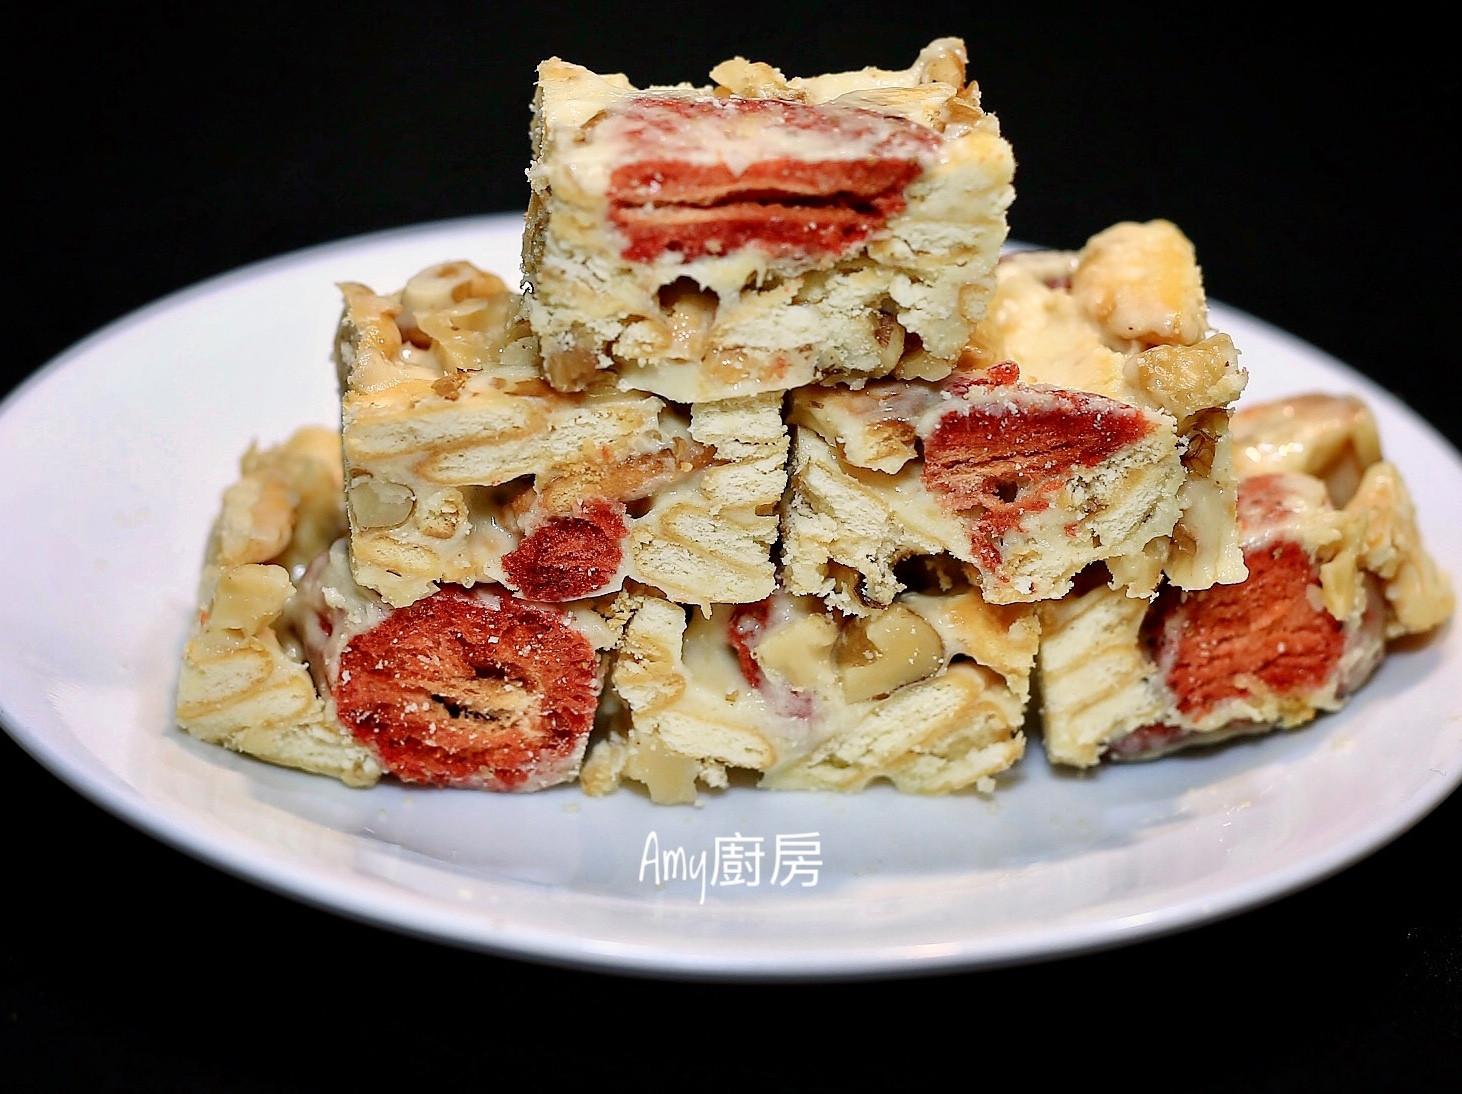 草莓核桃雪Q餅(不失敗料理)